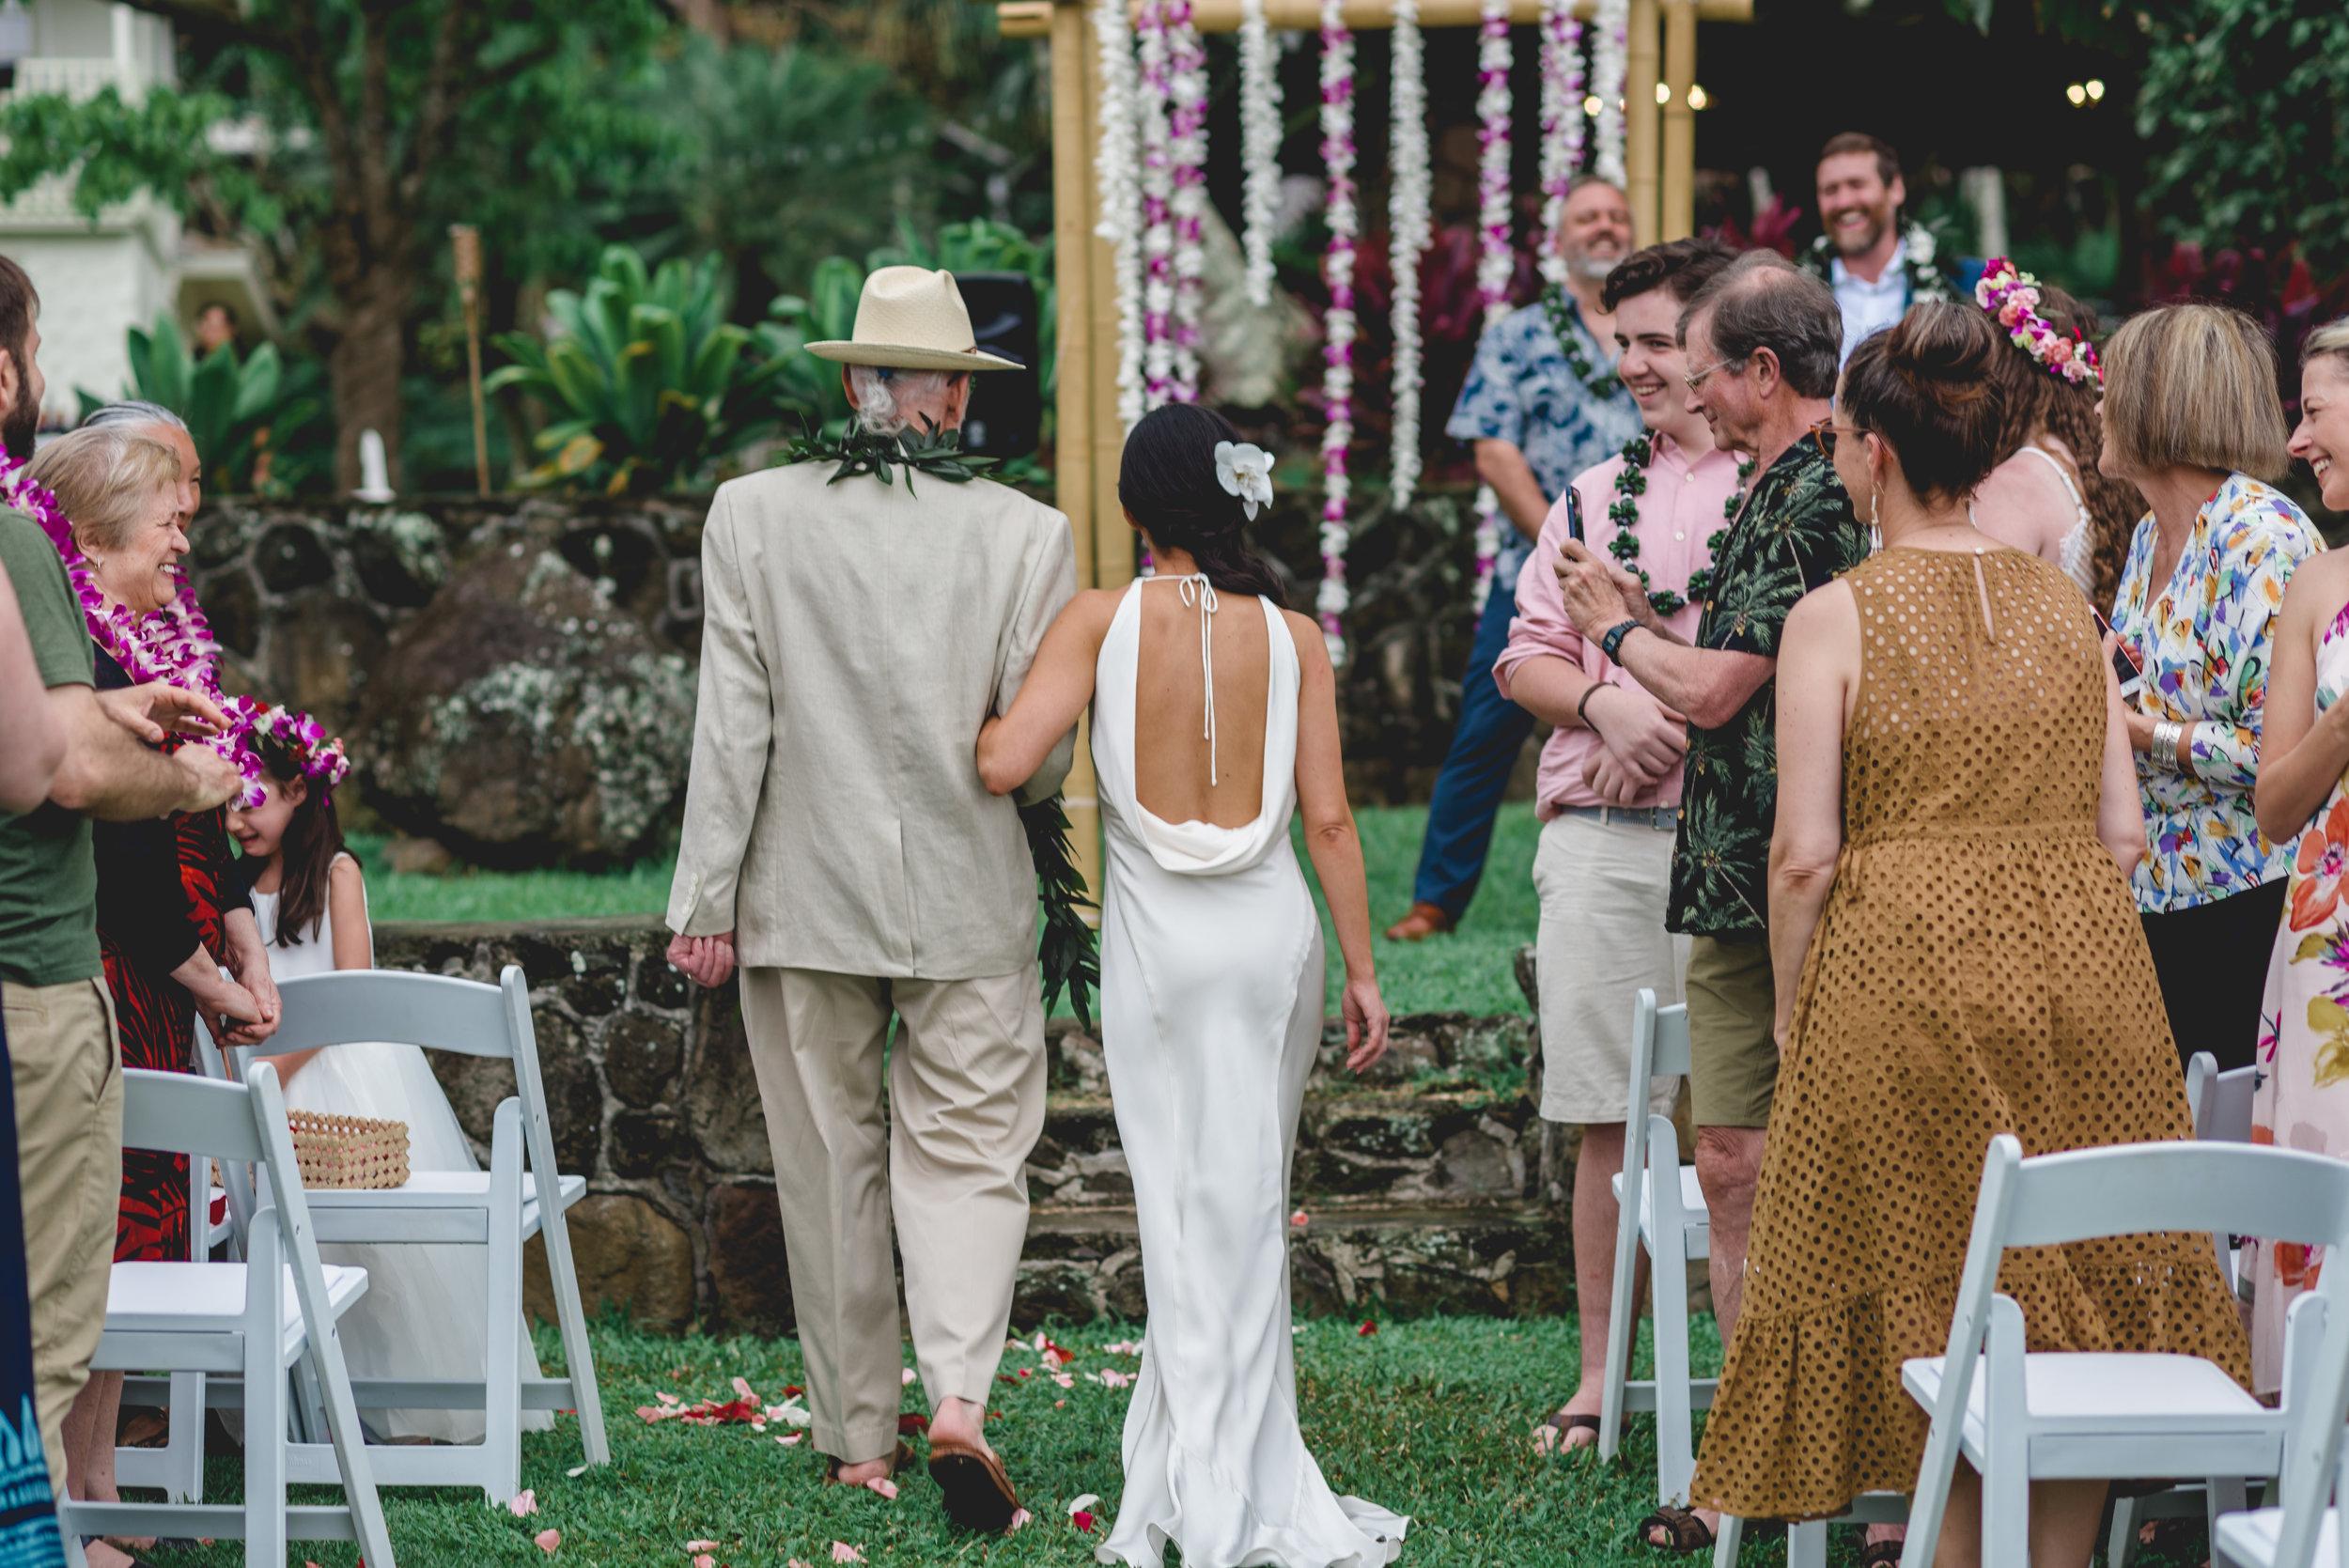 burns_deruntz-wedding-ceremony-52.jpg